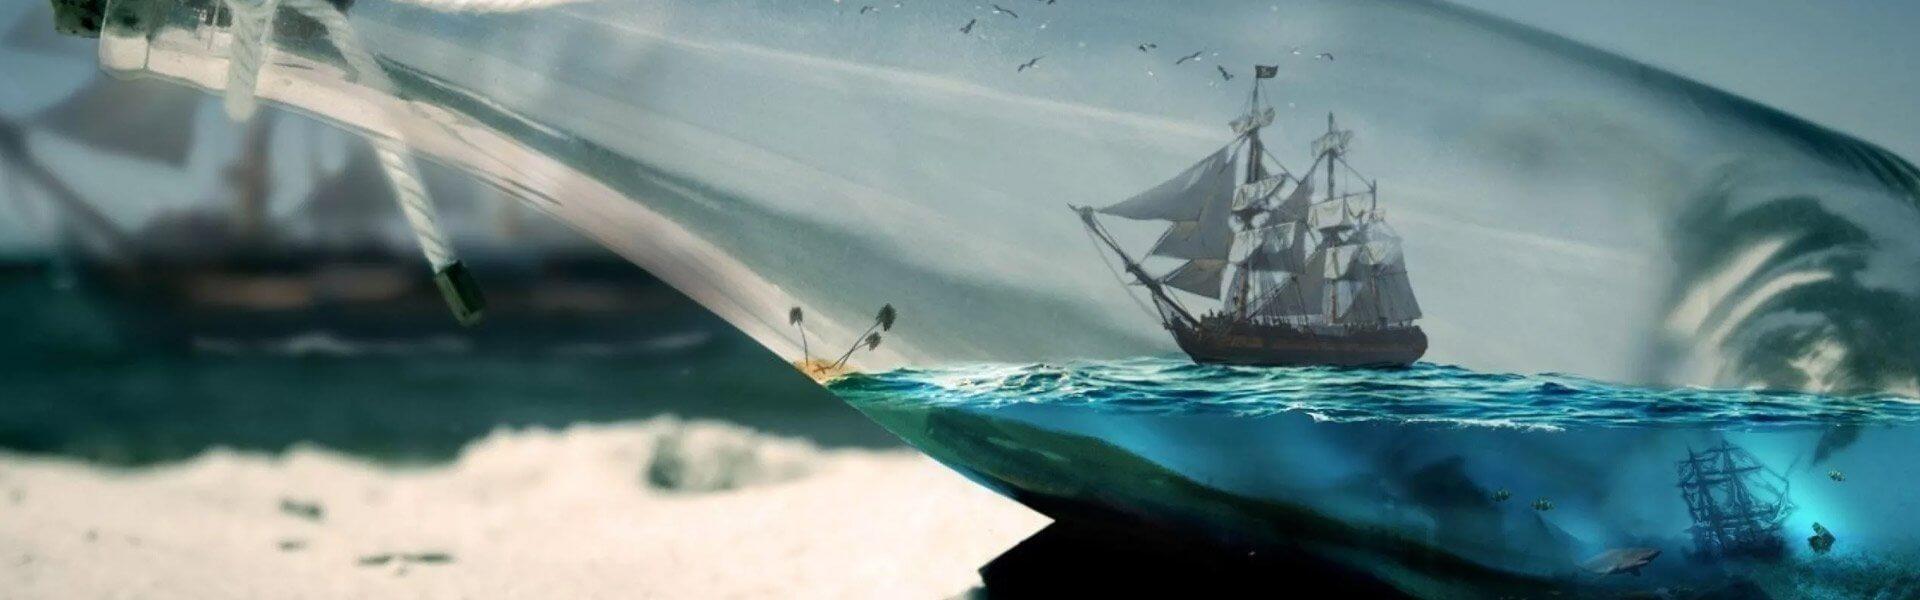 Nautical & Coastal Decor